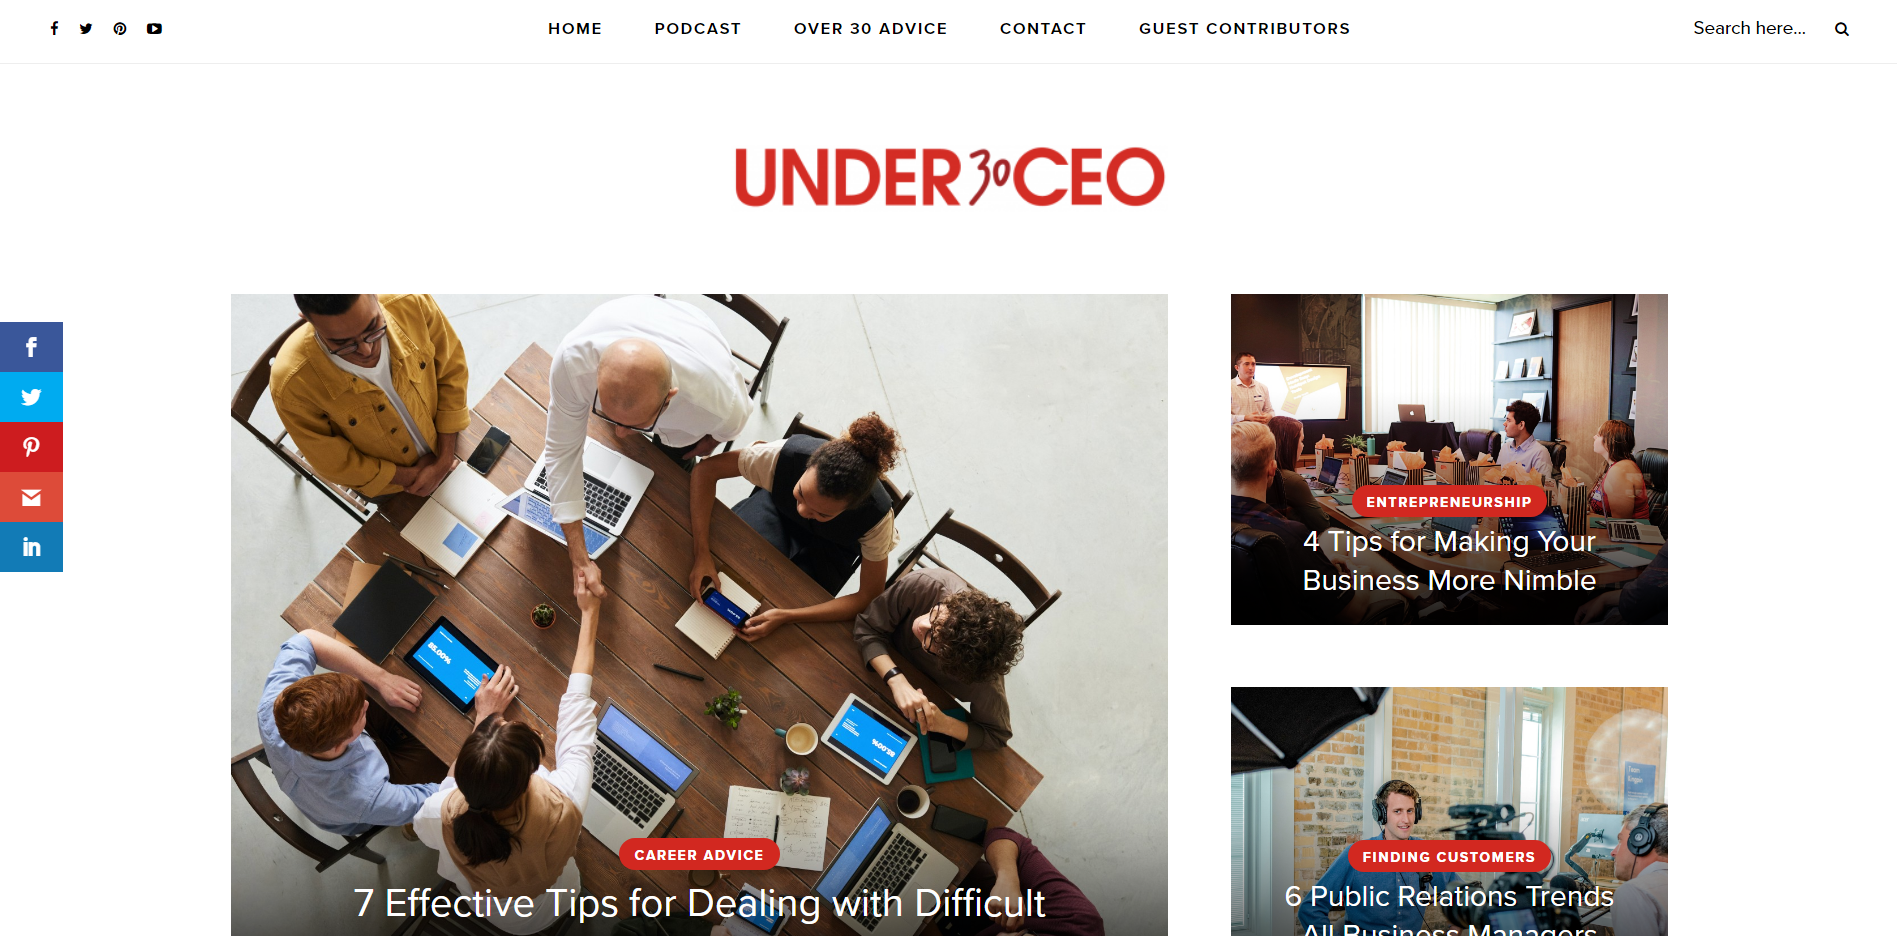 Under 30 CEO